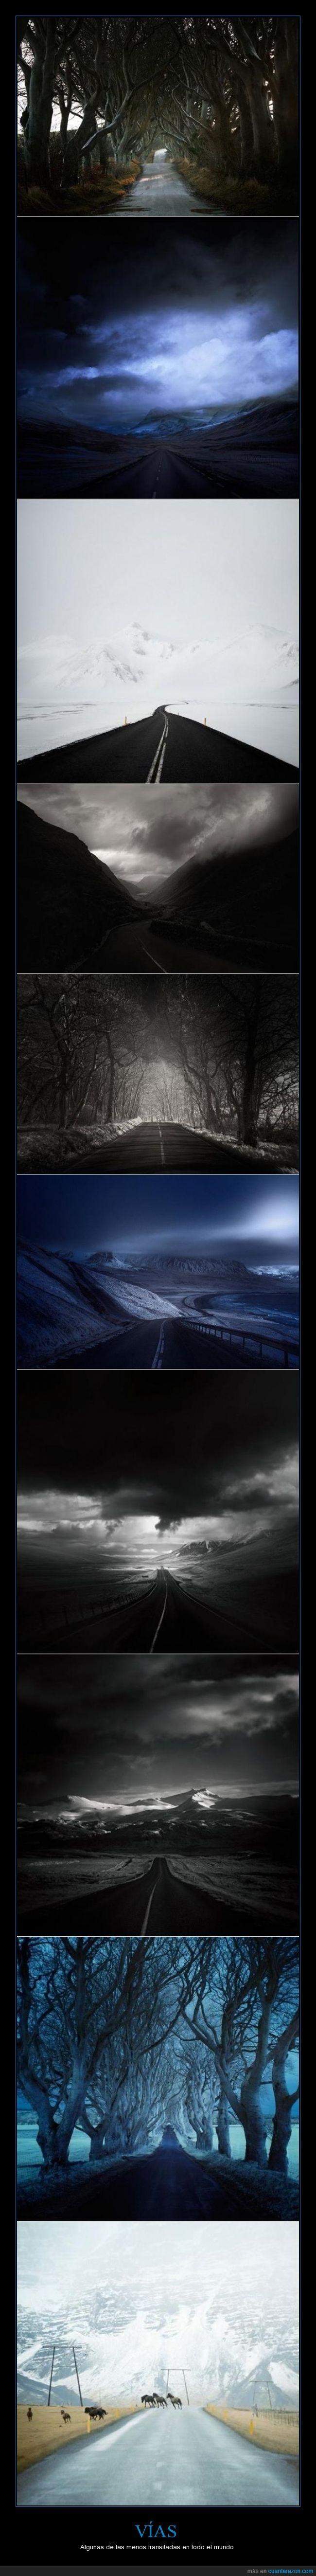 Andy Lee,carreteras,cielos cambiantes,menos transitadas,paisajes idílicos,Roads